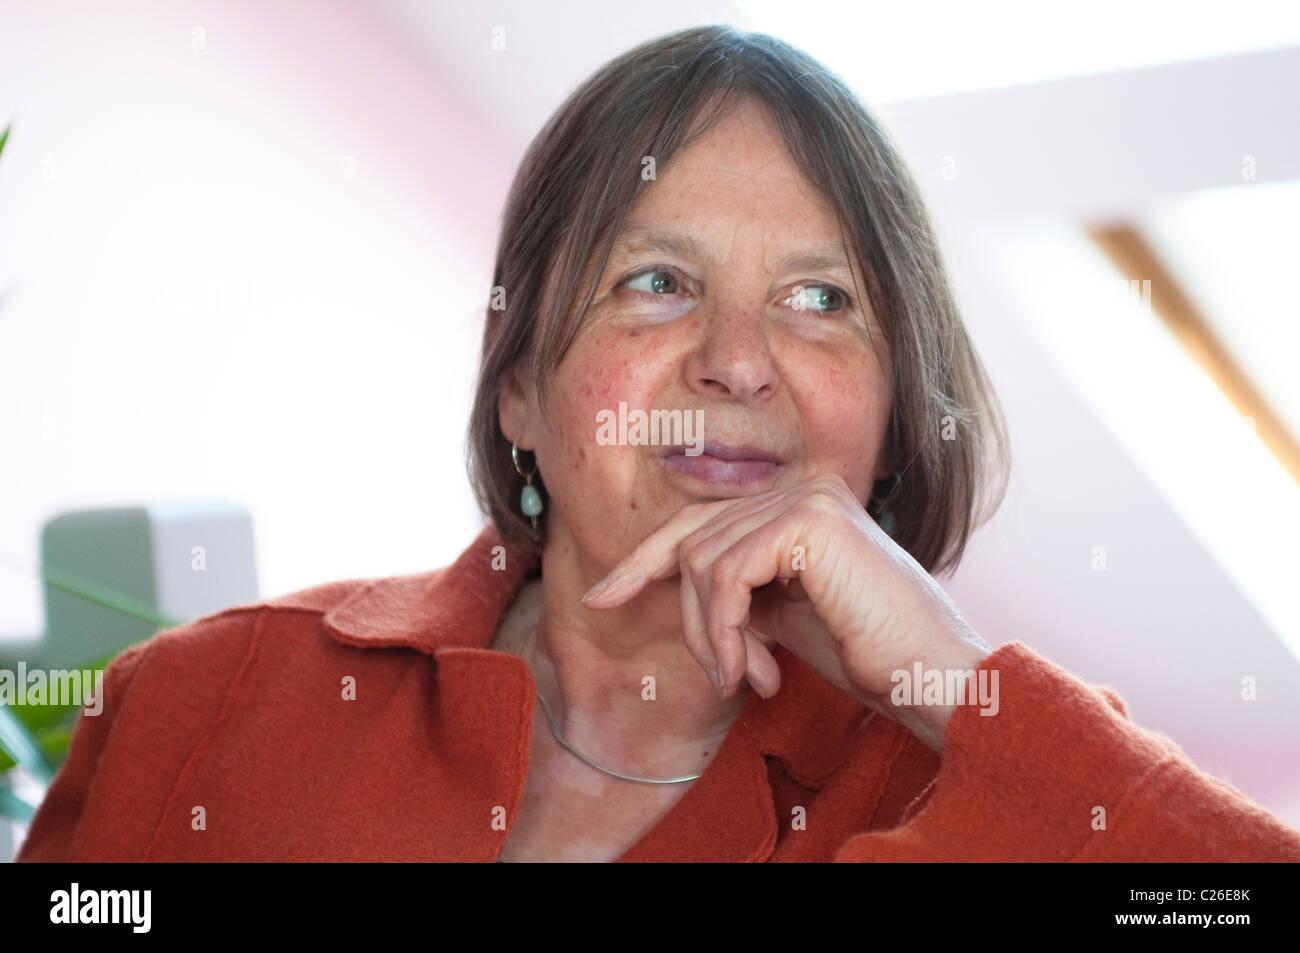 Femme d'âge moyen à la détendu et heureux Photo Stock